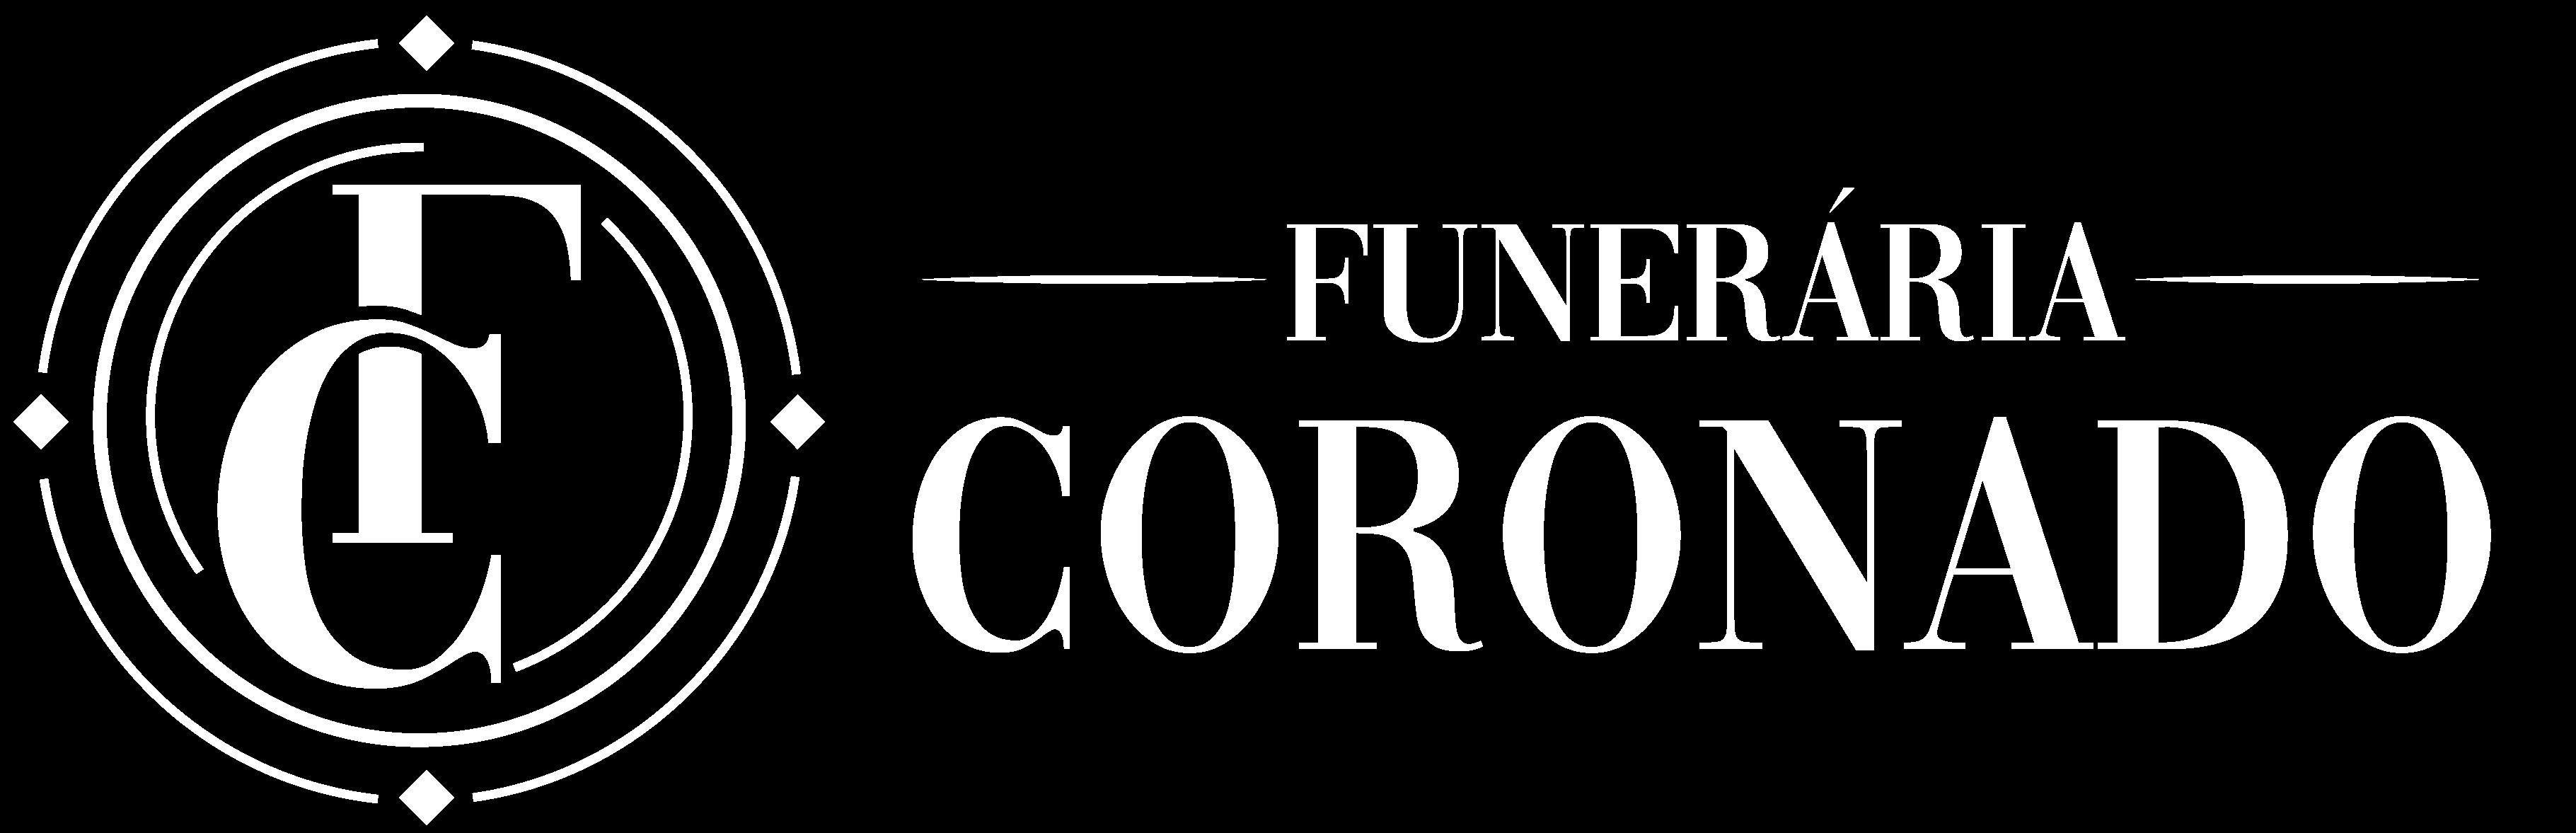 Funerária Coronado